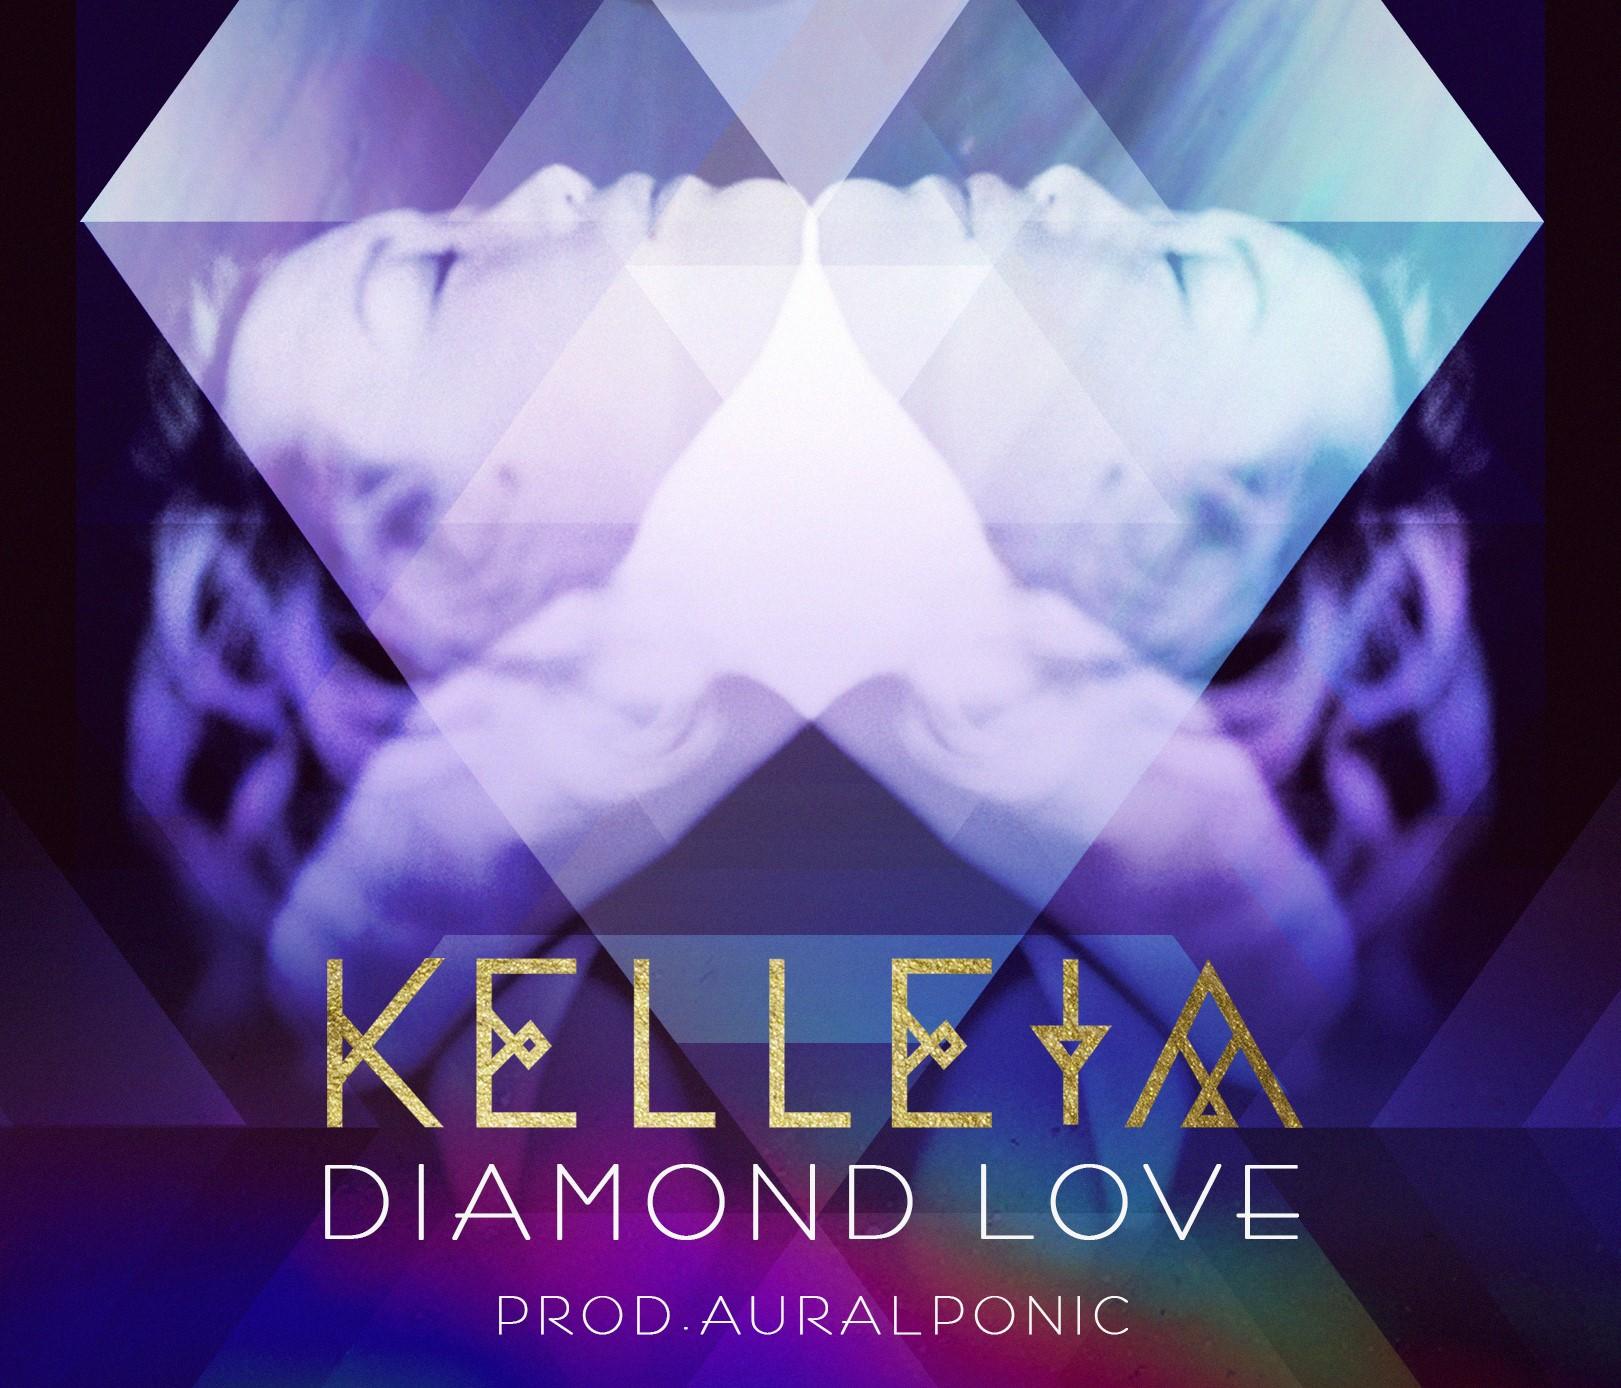 https://soundcloud.com/unspeakable-records/kelleia-diamond-love-prod-auralponic